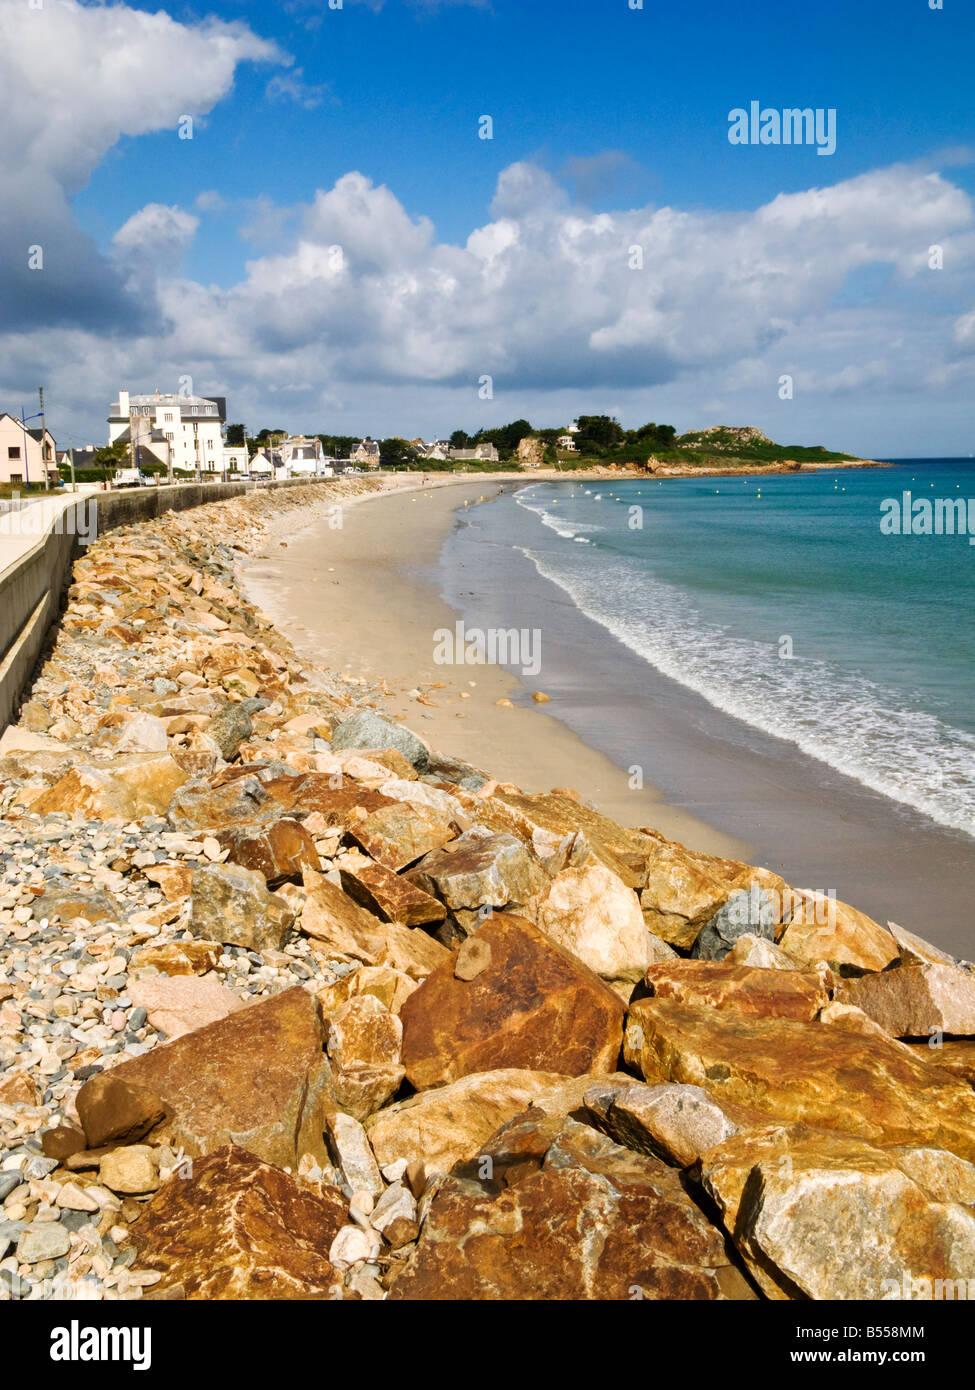 La larga playa de arena dorada en Primel Tregastel en la costa norte de Finisterre, Bretaña, Francia, Europa Foto de stock